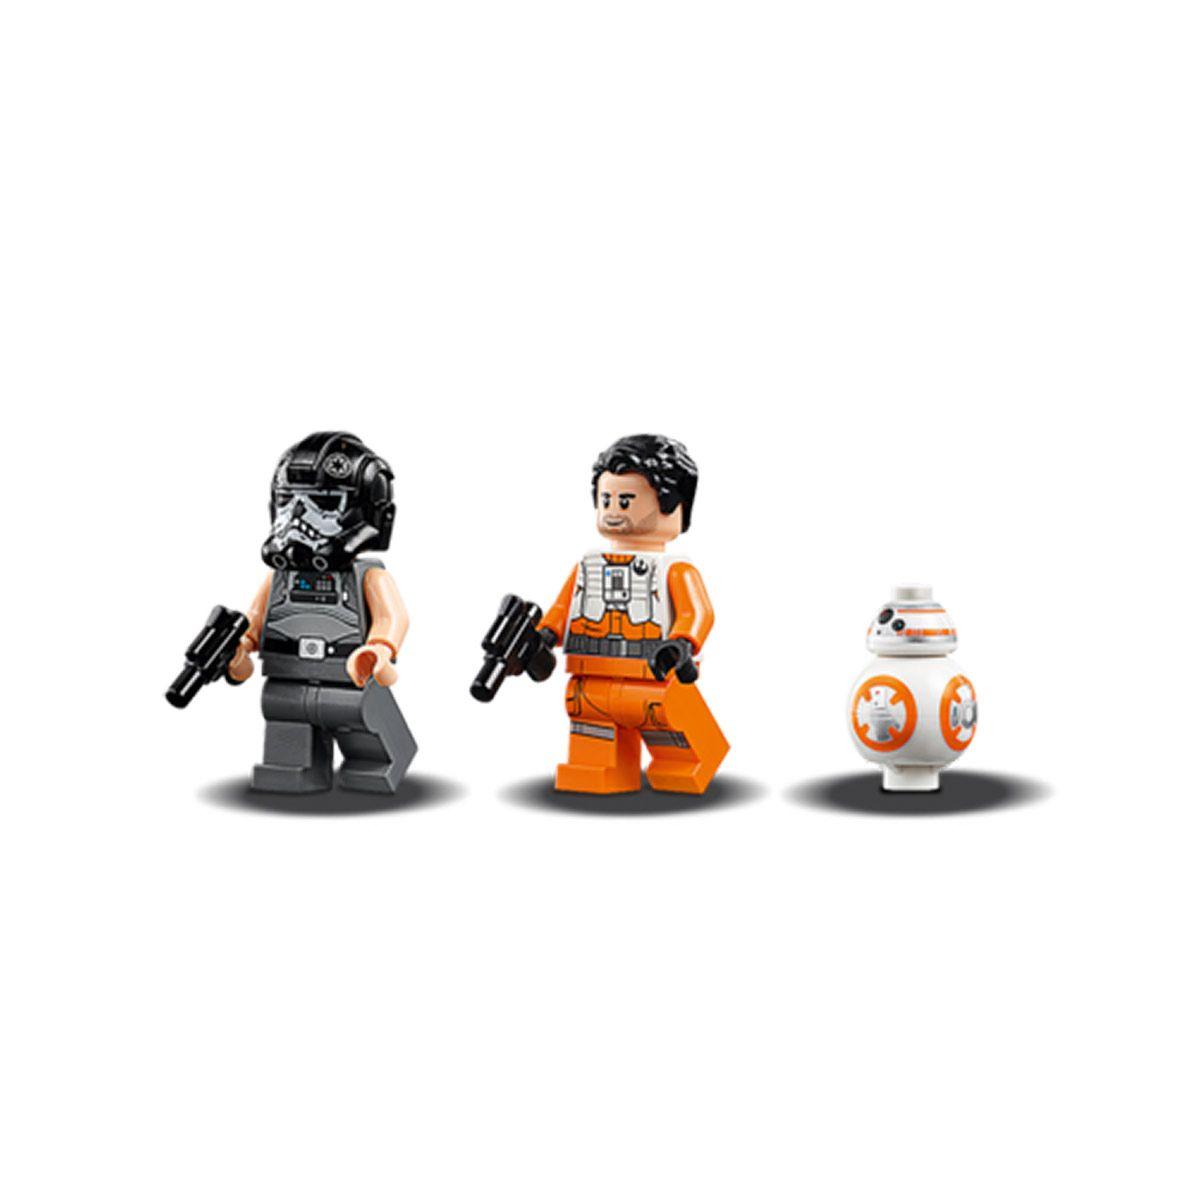 Lego Interceptor Ace Star 75242 HérosCinéma Wars Black Tie Super qRjLS3Ac54